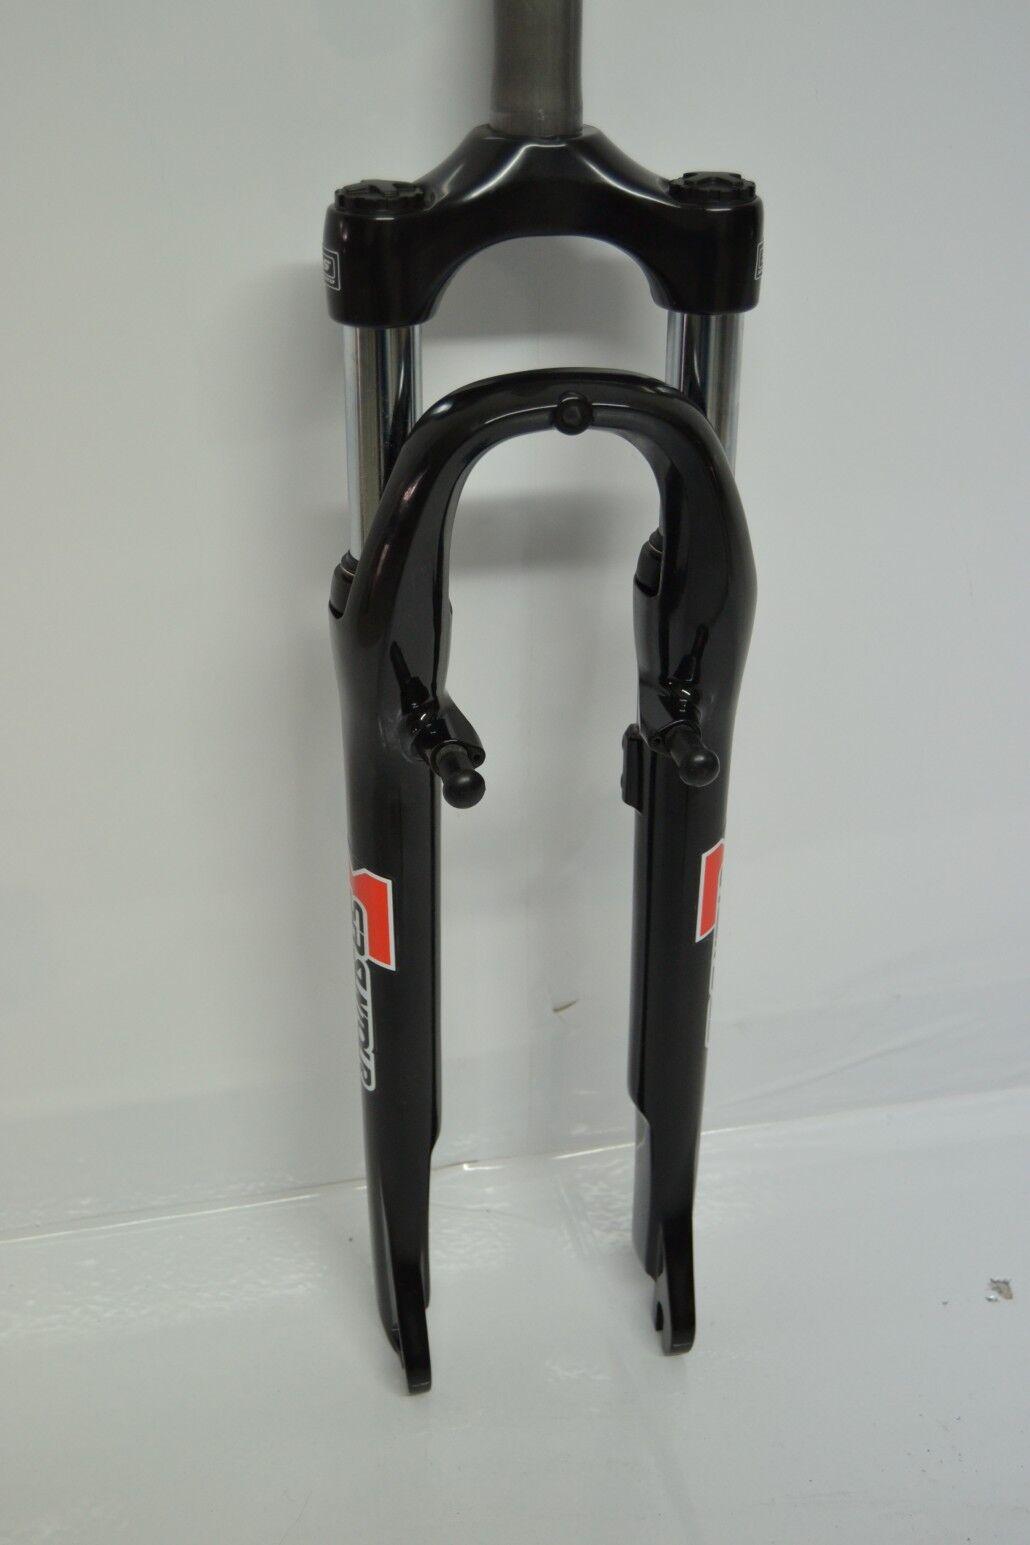 Forcella ammortizzata per bicicletta da 28  sr-suntour m 3010 v-brake